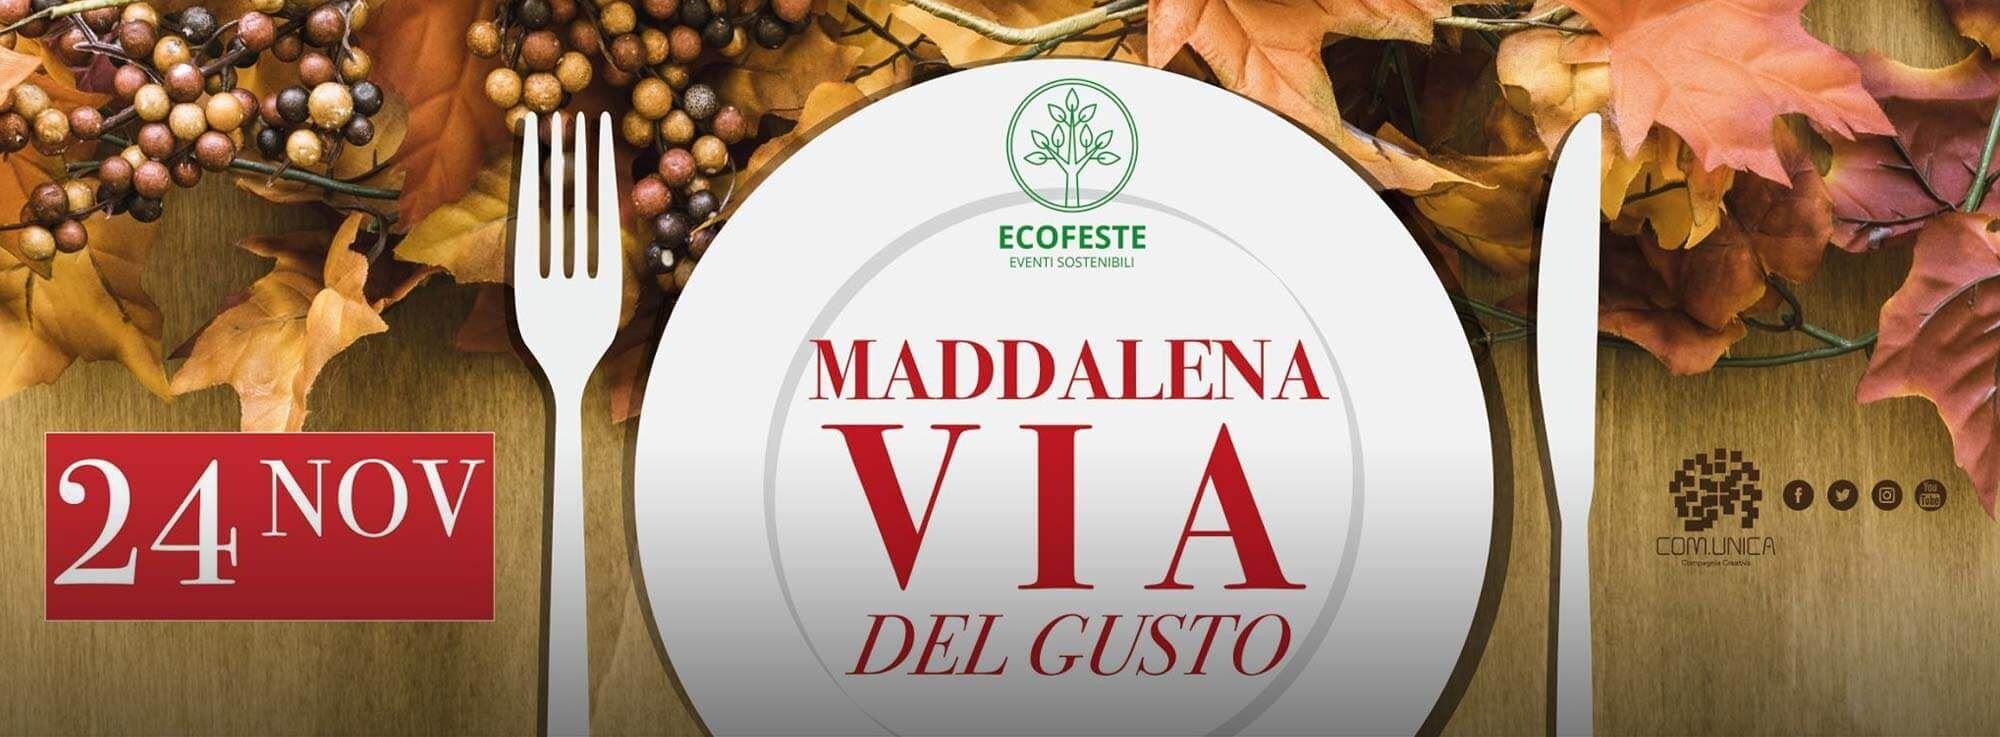 Manfredonia: Maddalena Via del Gusto - Sapori d'autunno